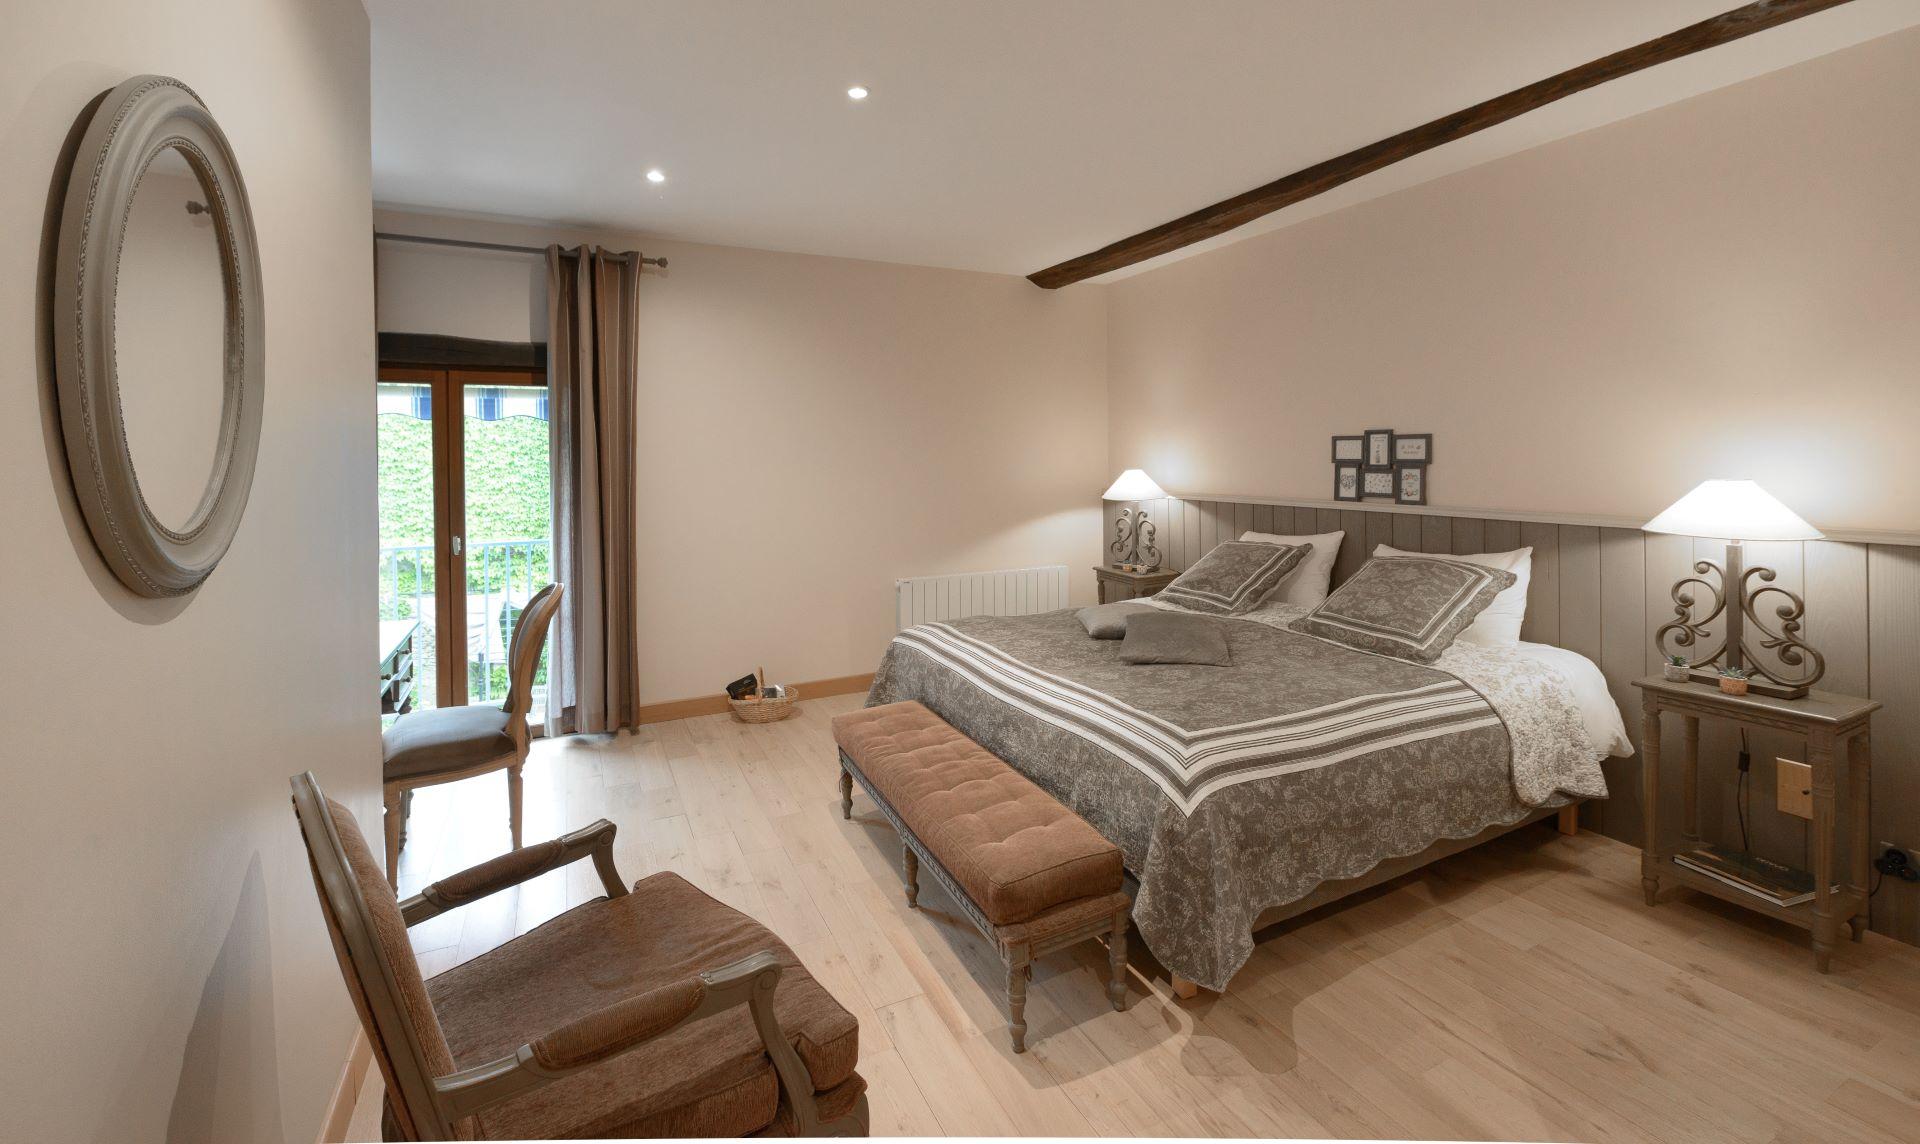 Chambre d'hôtes tout confort à Amboise en Indre-et-Loire